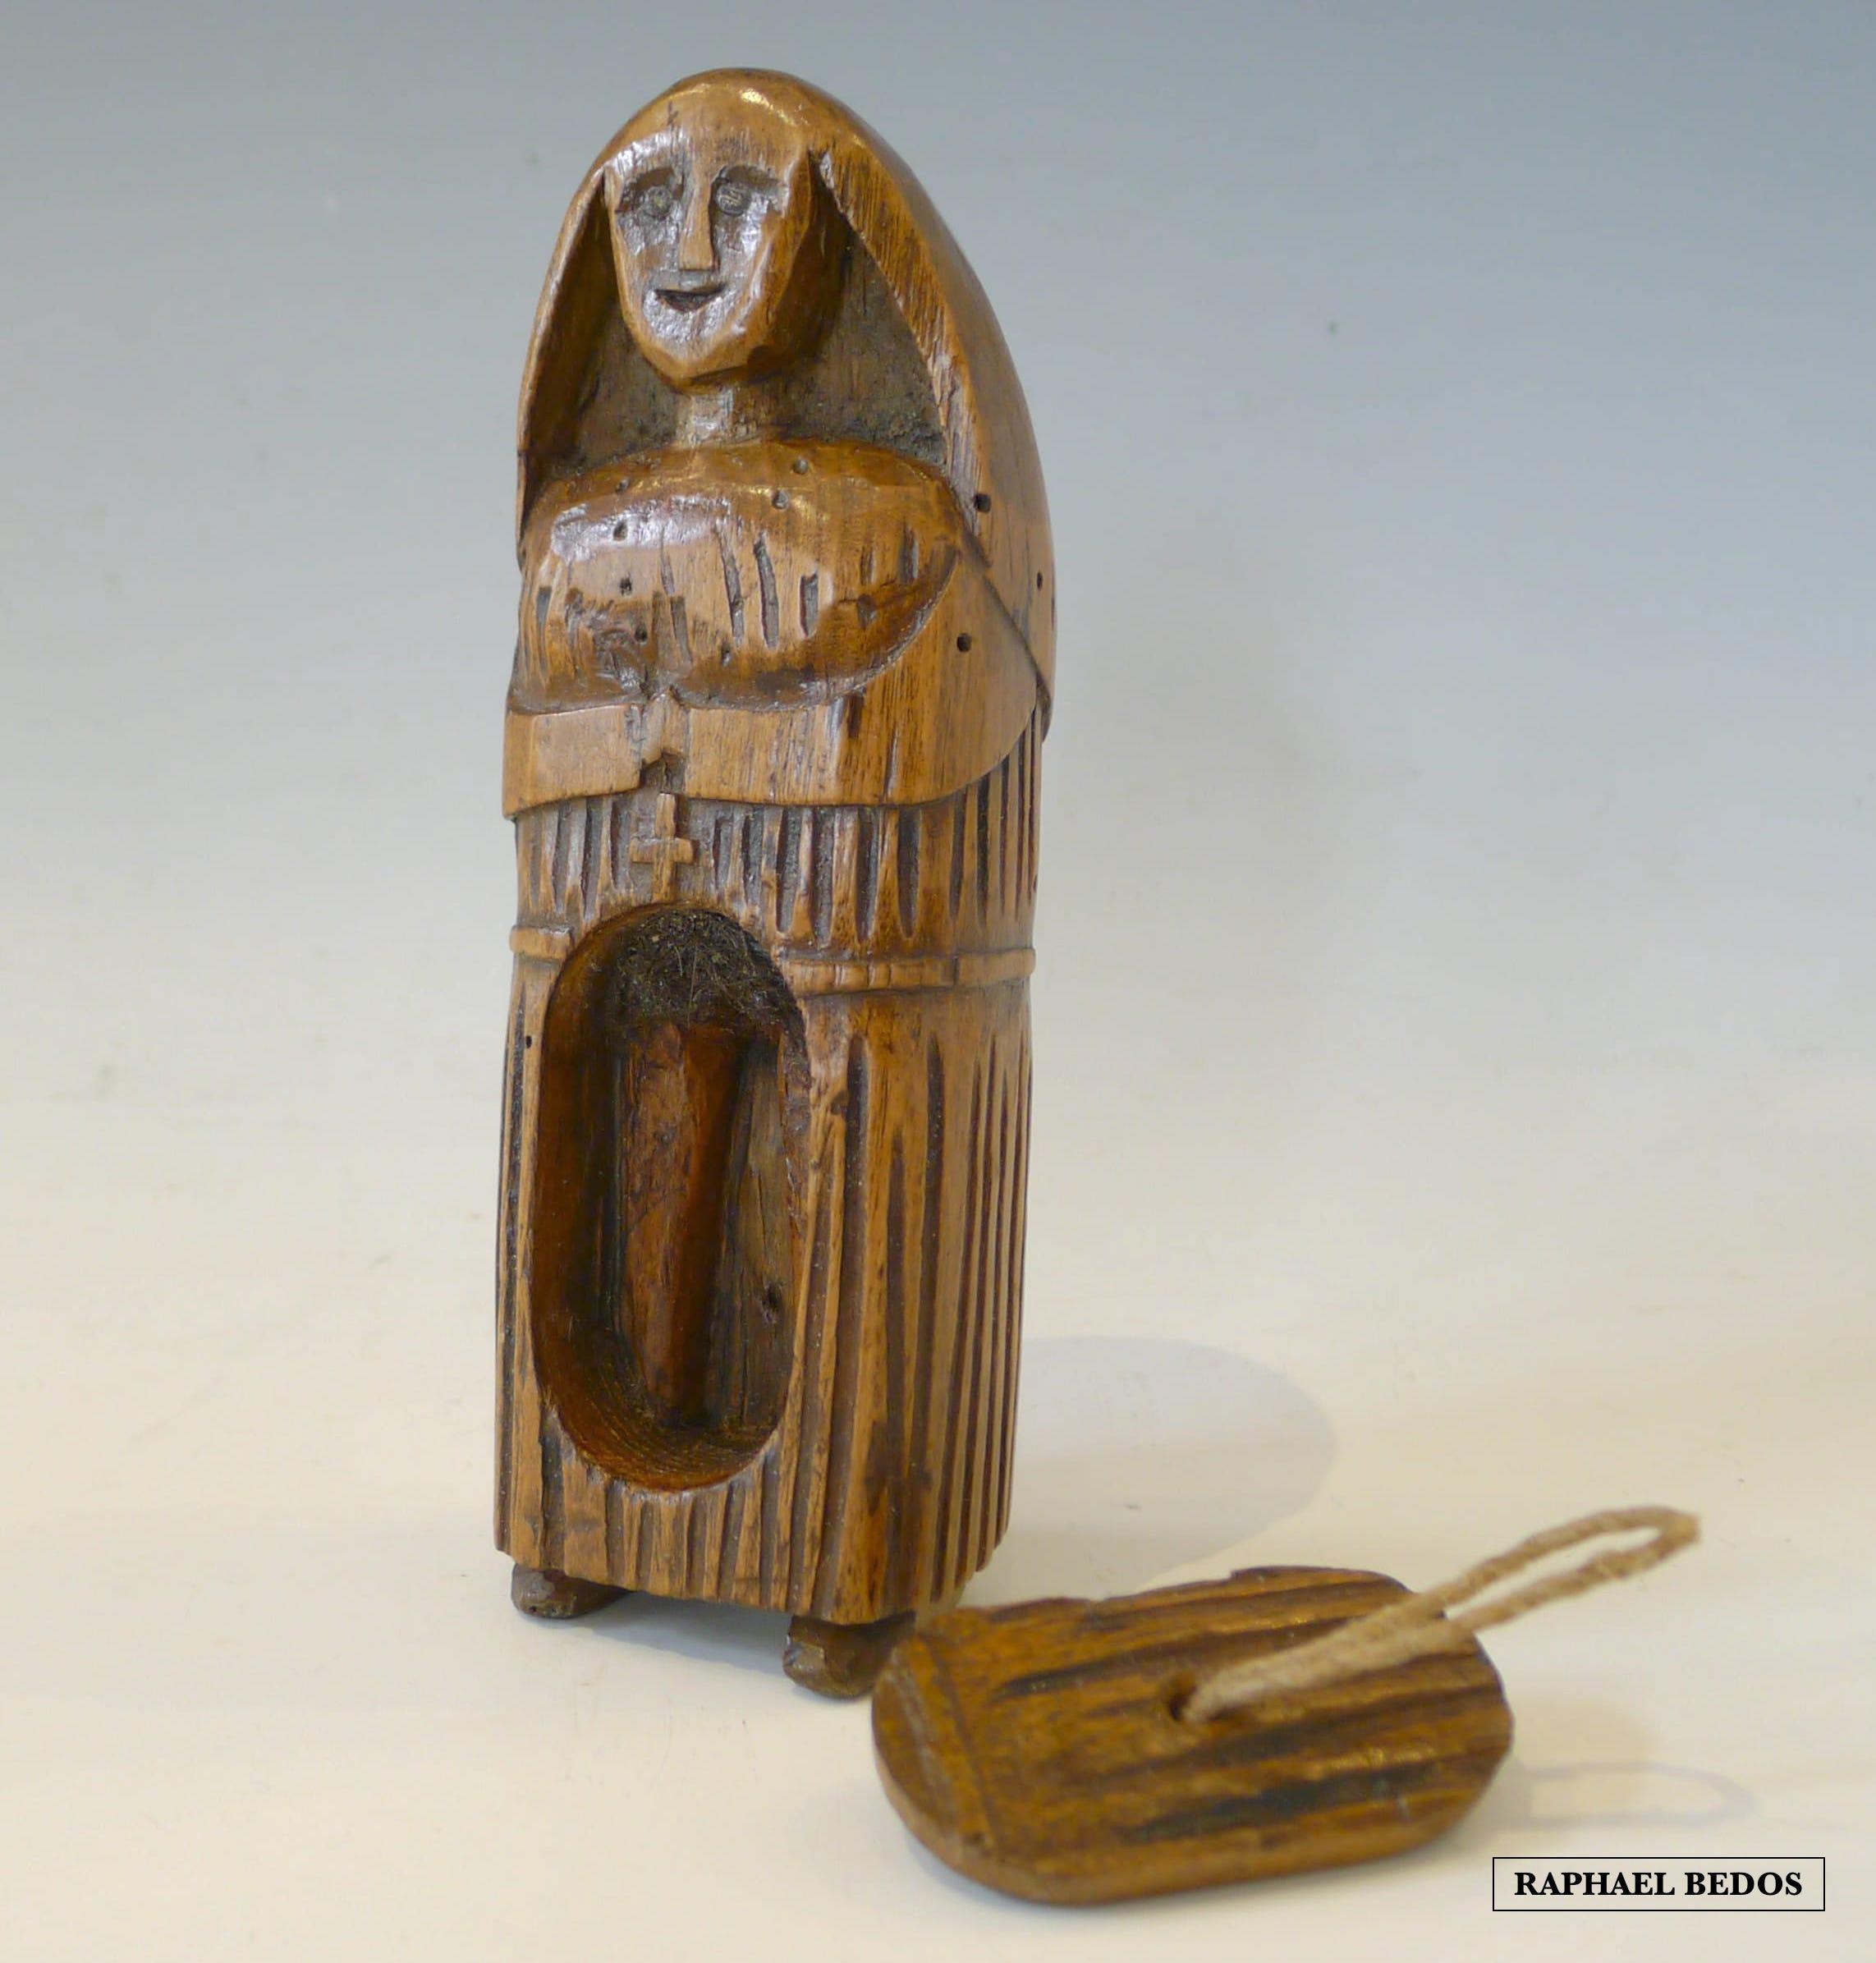 22.Tabatière érotique figurant une religieuse. Noyer.19ème.H: 14cm